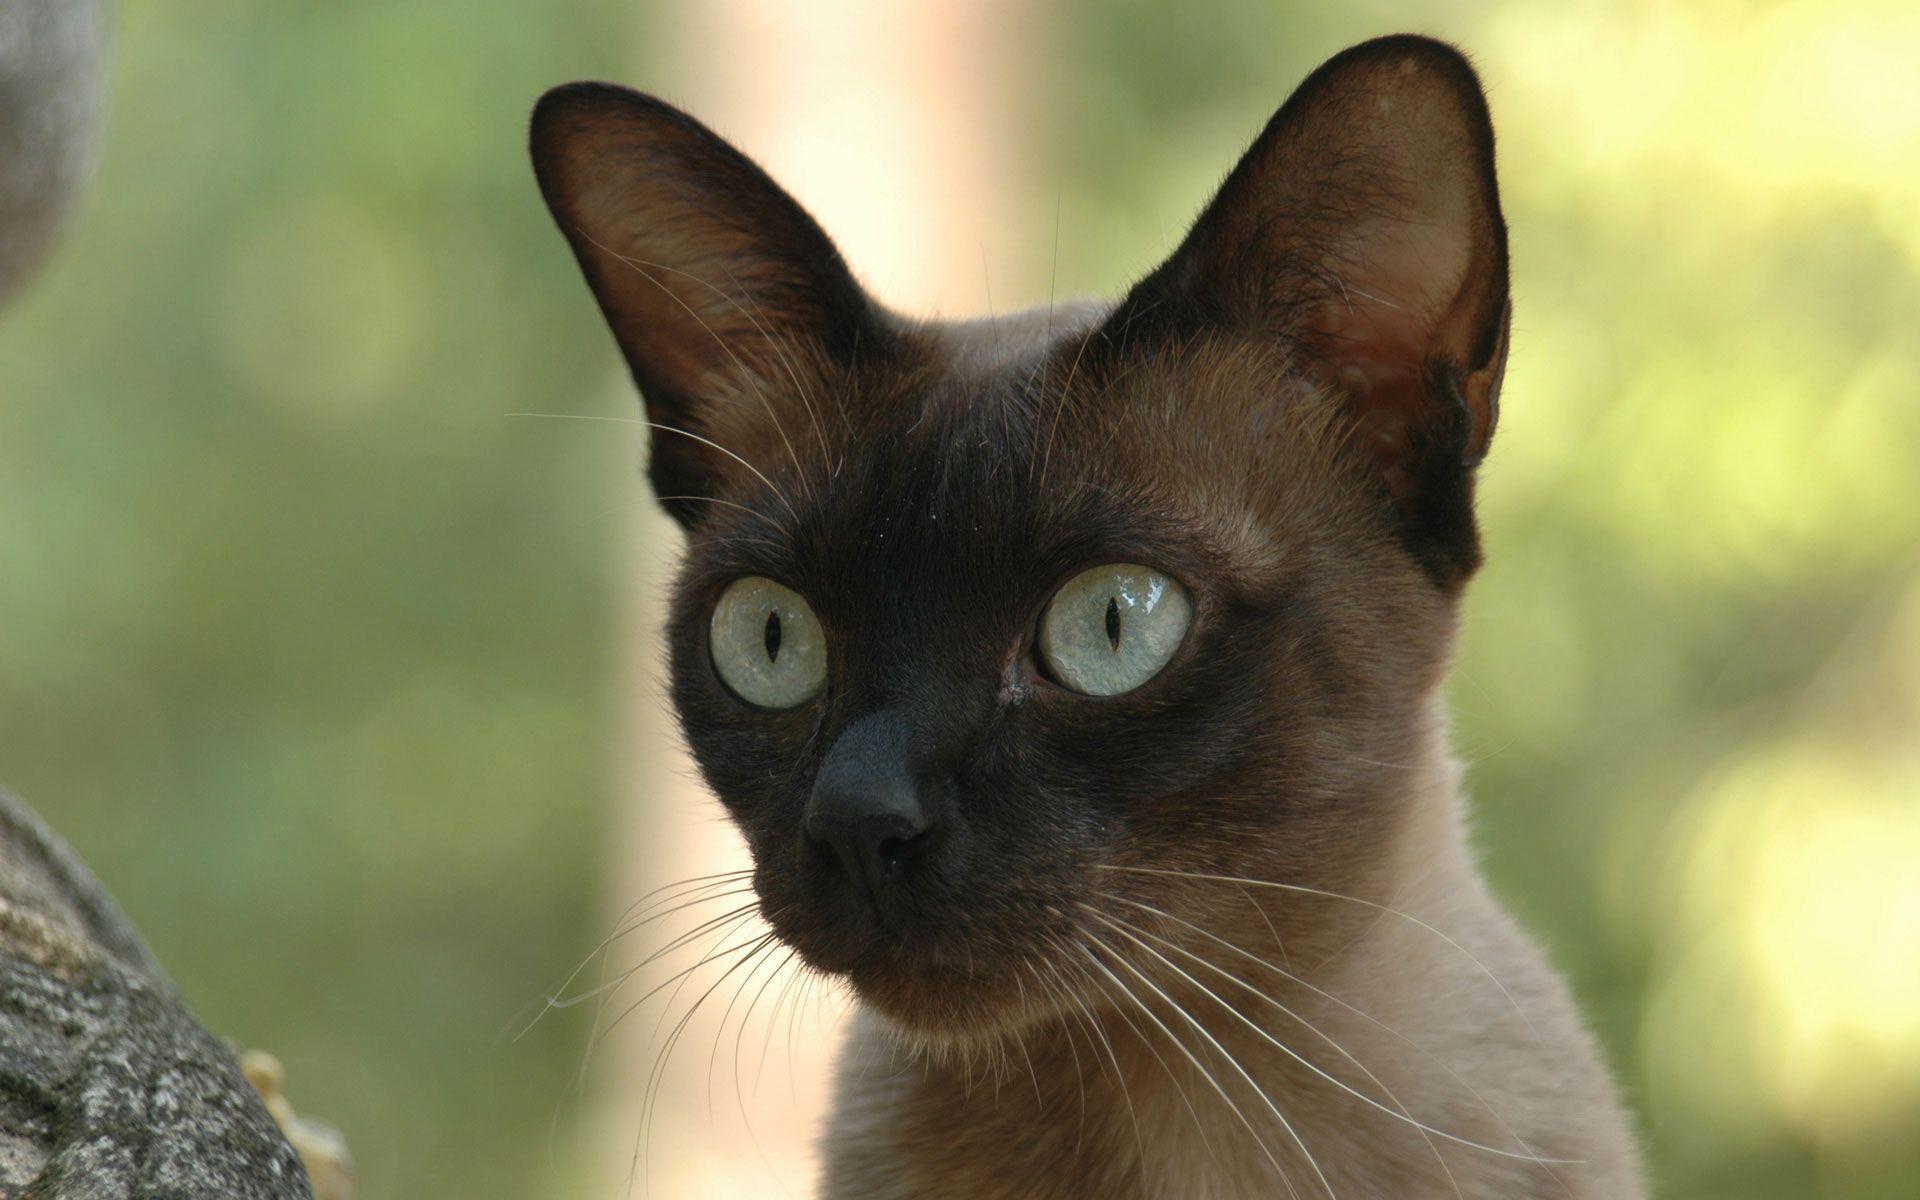 siamese cats wallpaper 3 - photo #11